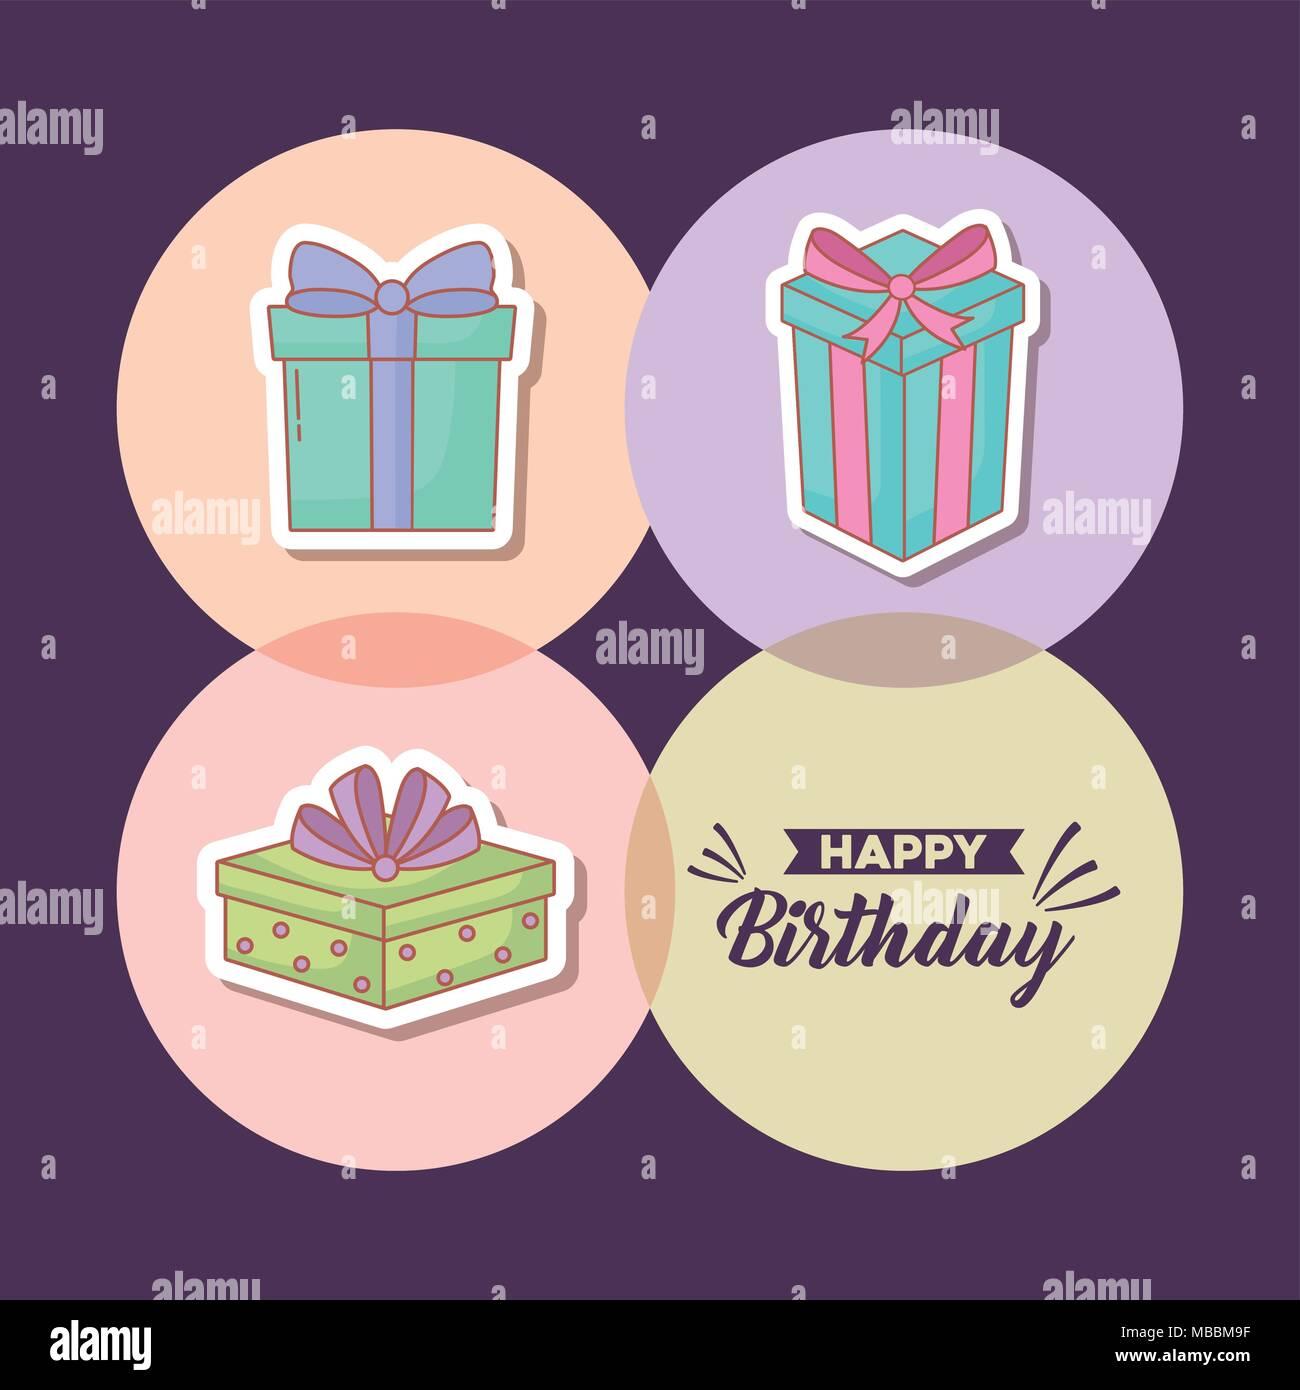 Icona set di buon compleanno concetto su cerchi colorati e sfondo viola, illustrazione vettoriale Immagini Stock